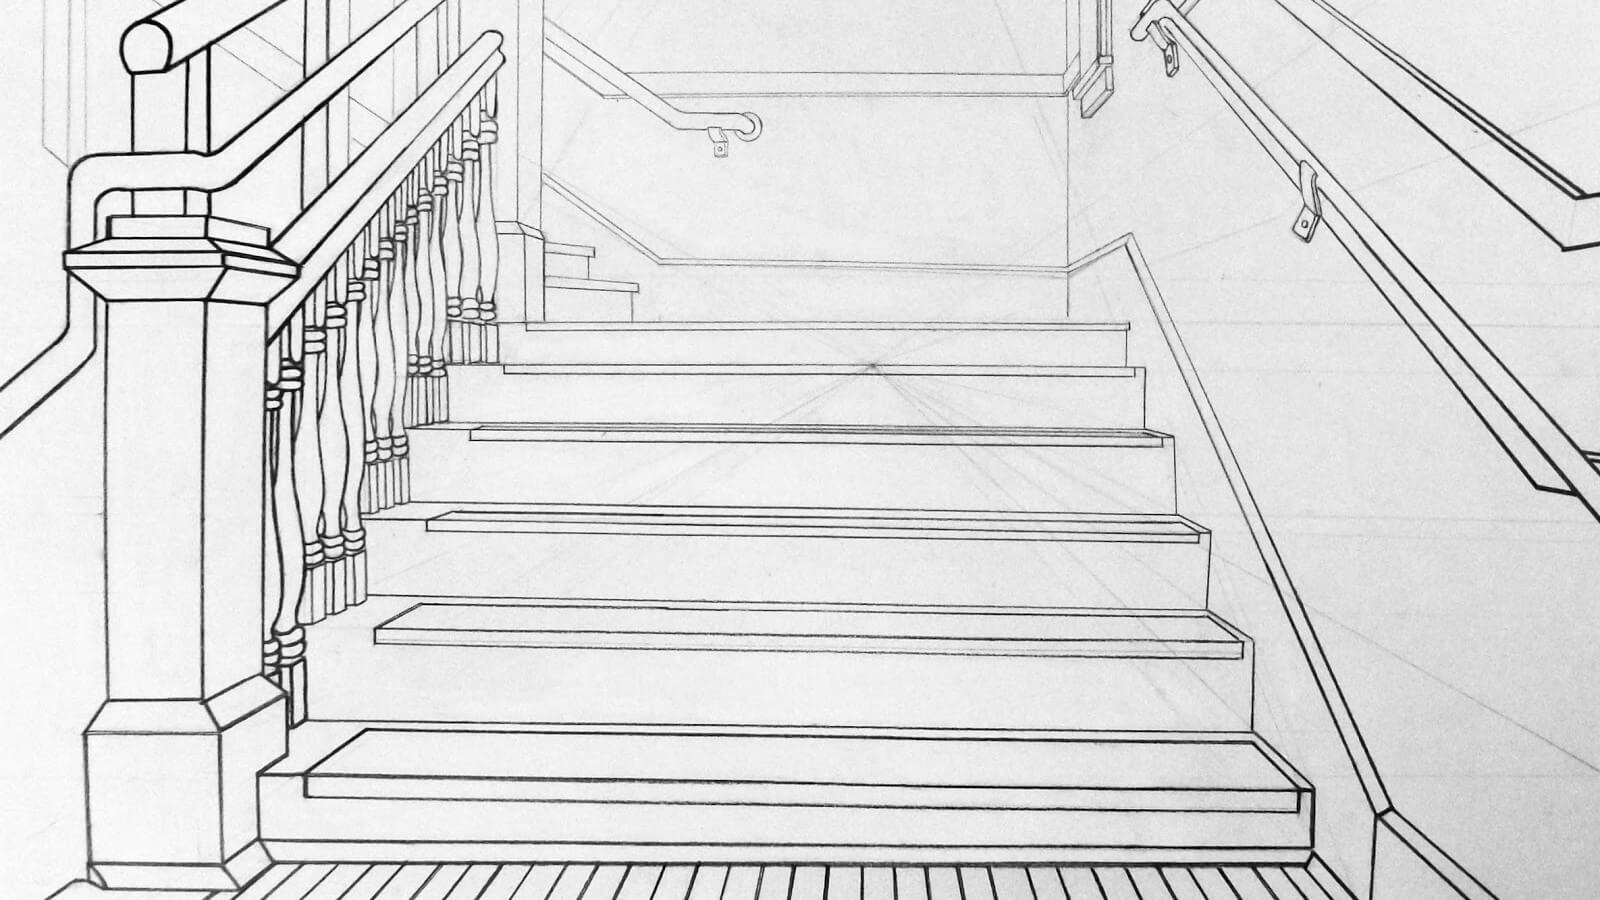 Разработка проекта лестницы из дерева (фото эскиза)